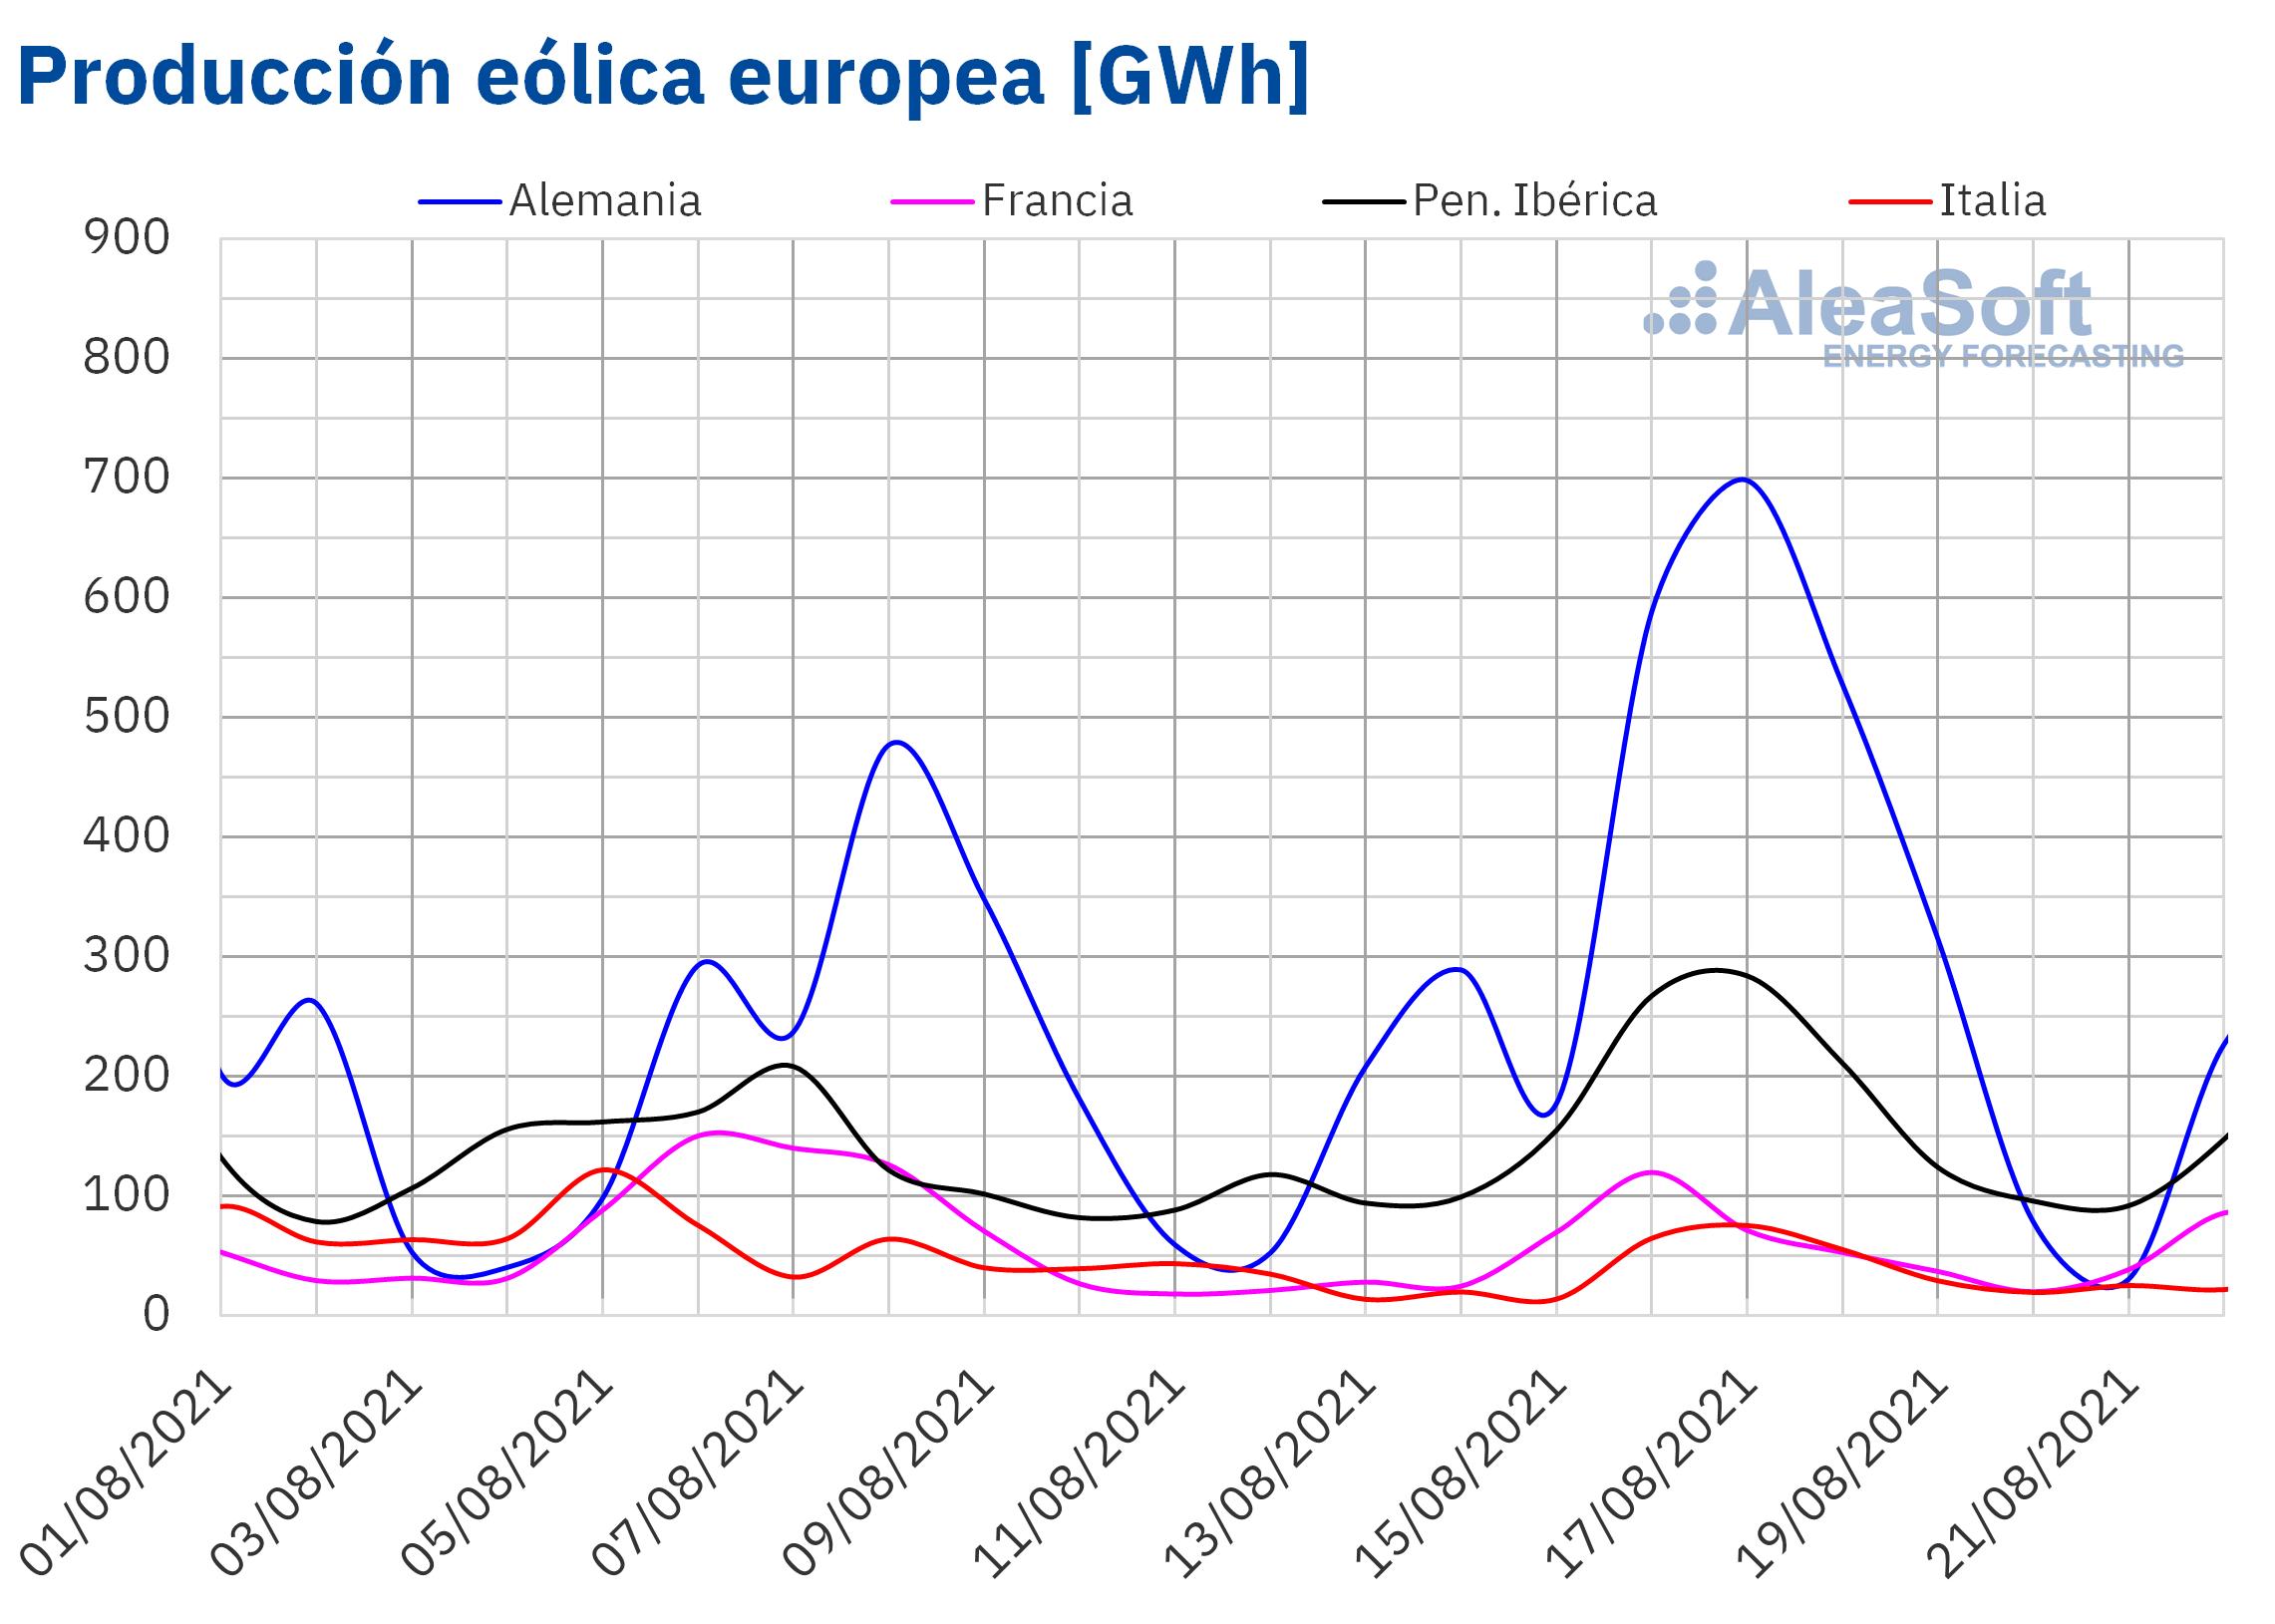 AleaSoft - Produccion eolica electricidad Europa